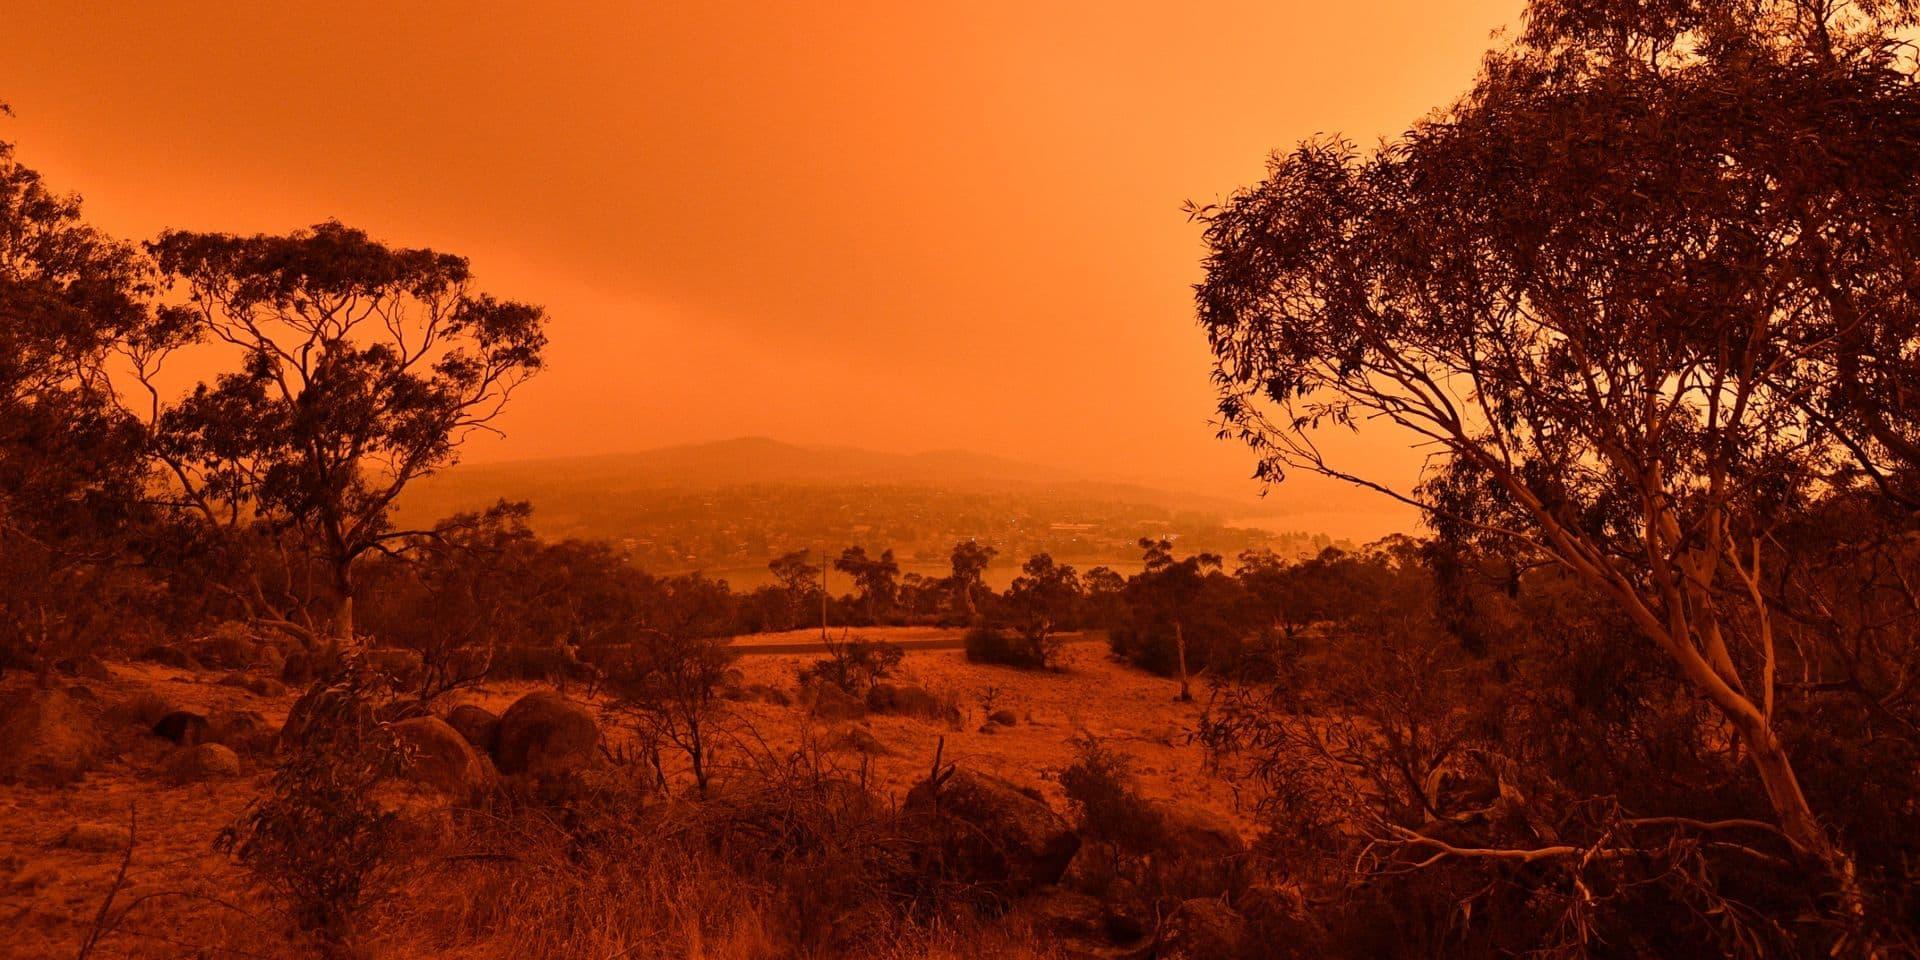 L'Australie prend une décision historique pour faire face aux feux de forêt